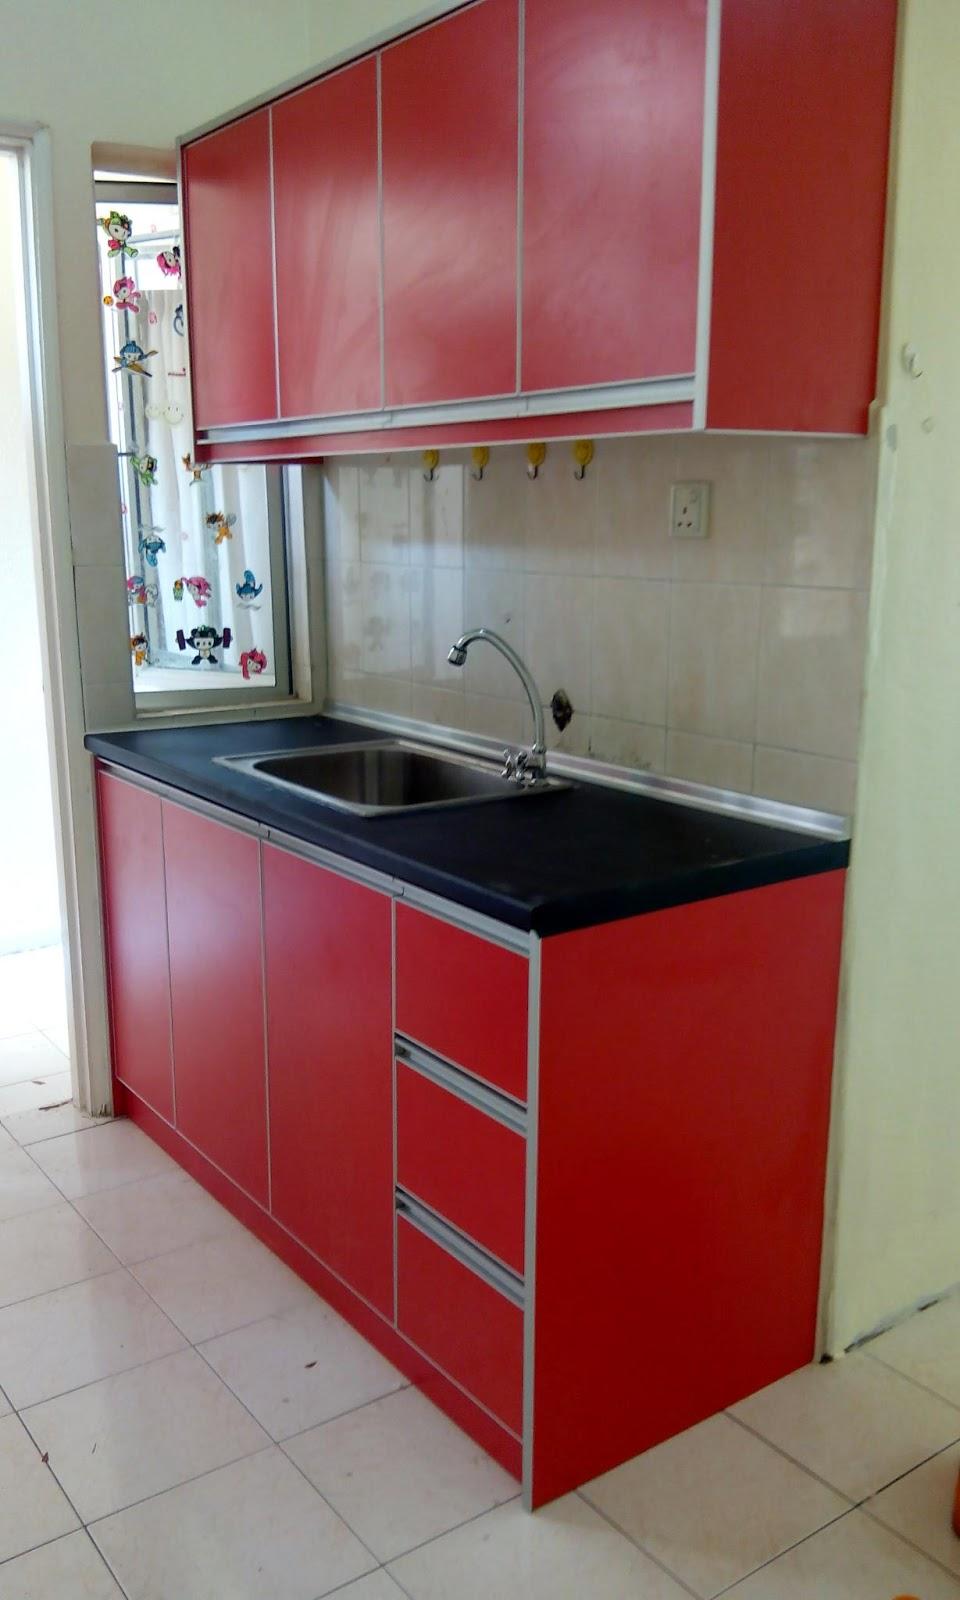 Kabinet Dapur Rumah Flat Ppr Desainrumahid Com